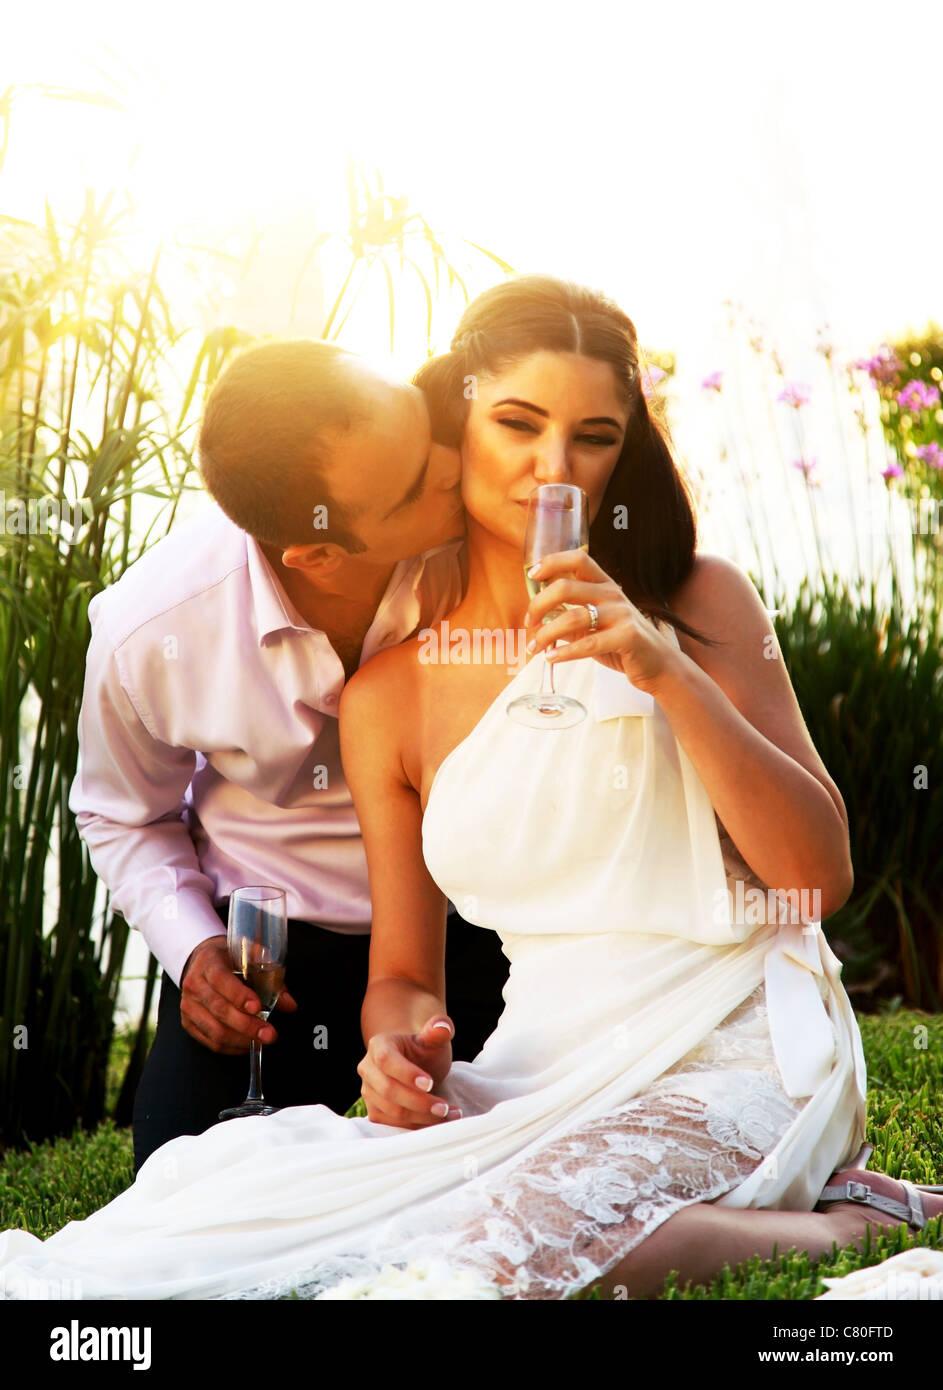 Joven pareja besándose en el exterior, el día de la boda Imagen De Stock